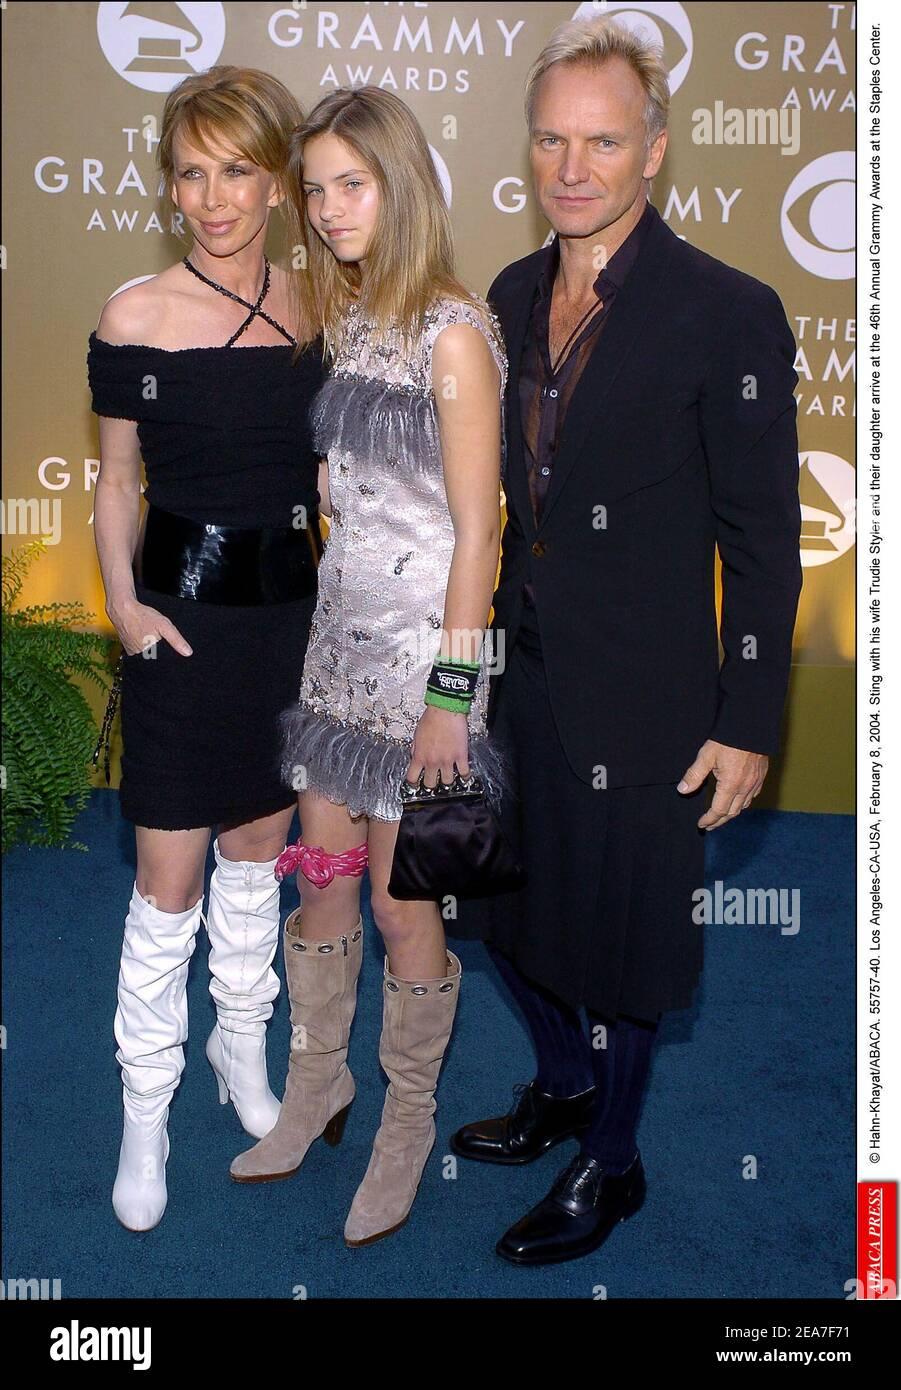 © Hahn-Khayat/ABACA. 55757-40. Los Angeles-CA-USA, 8. Februar 2004. Sting mit seiner Frau Trudie Styler und ihrer Tochter kommen bei den Annual Grammy Awards 46th im Staples Center an. Stockfoto